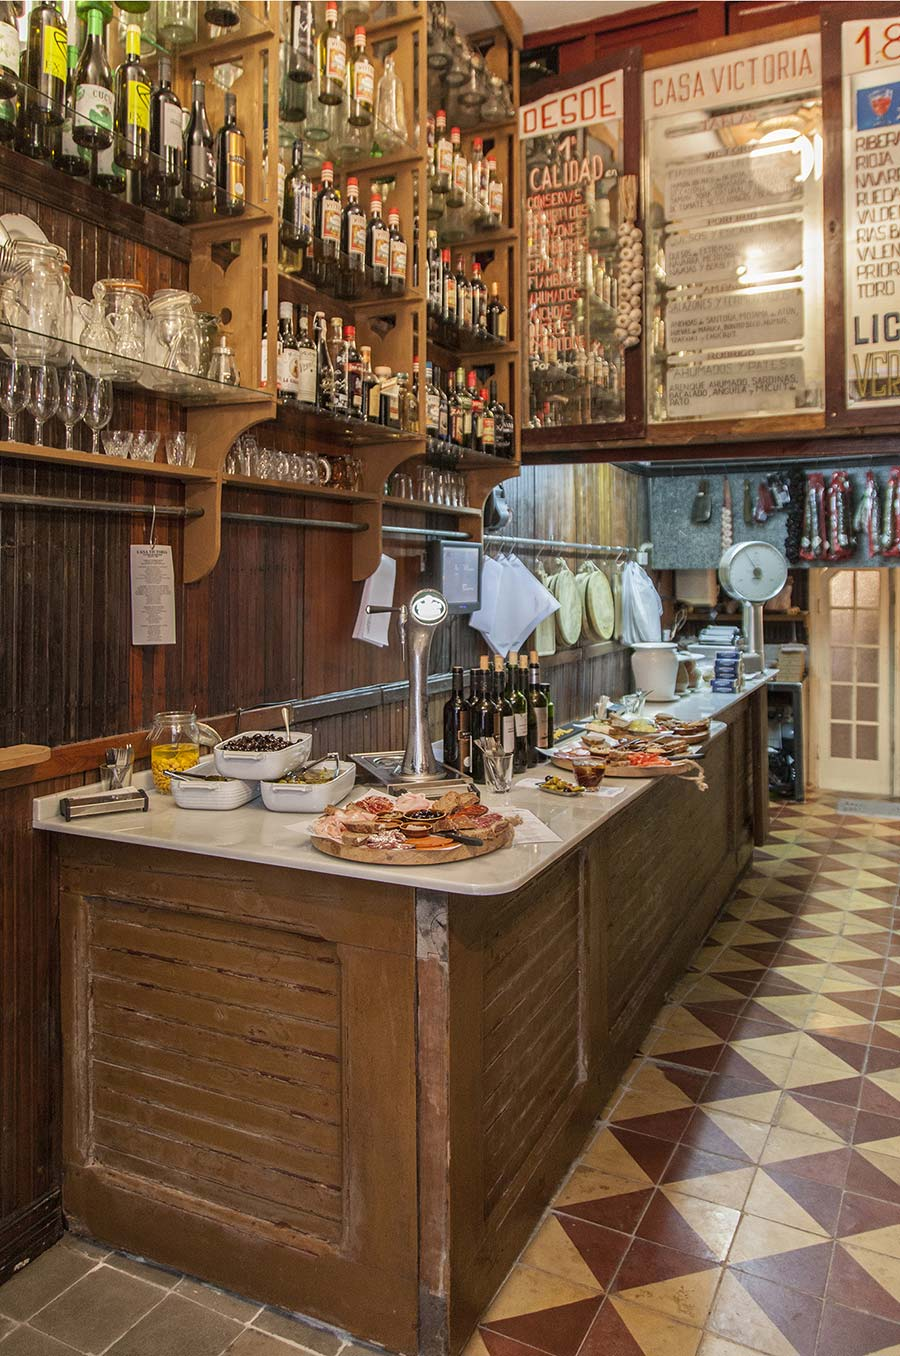 Diseño interior bar de tapas Valencia.